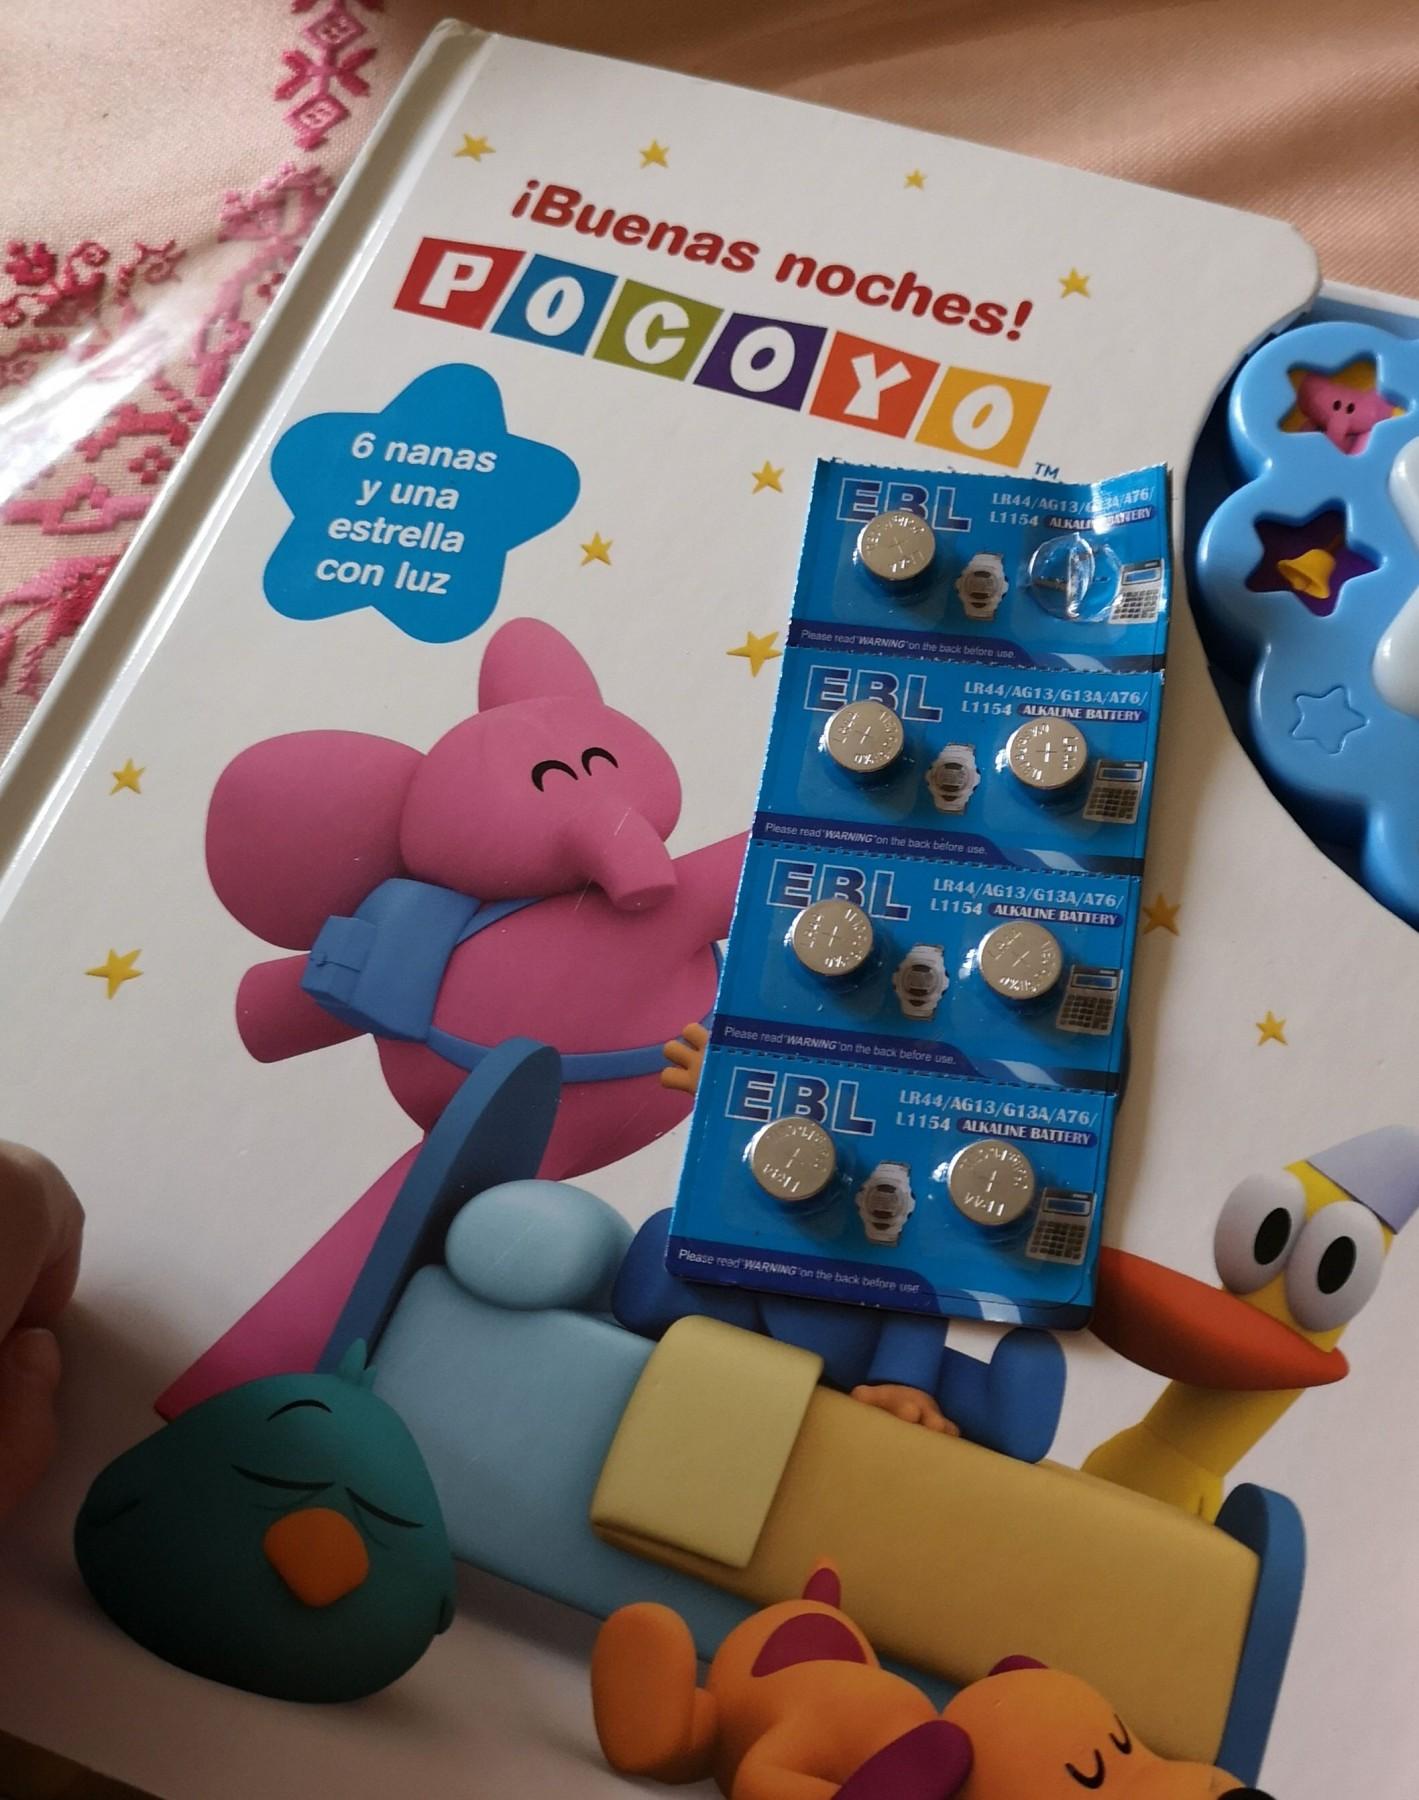 Muchas pilas de botón a precio muy asequible